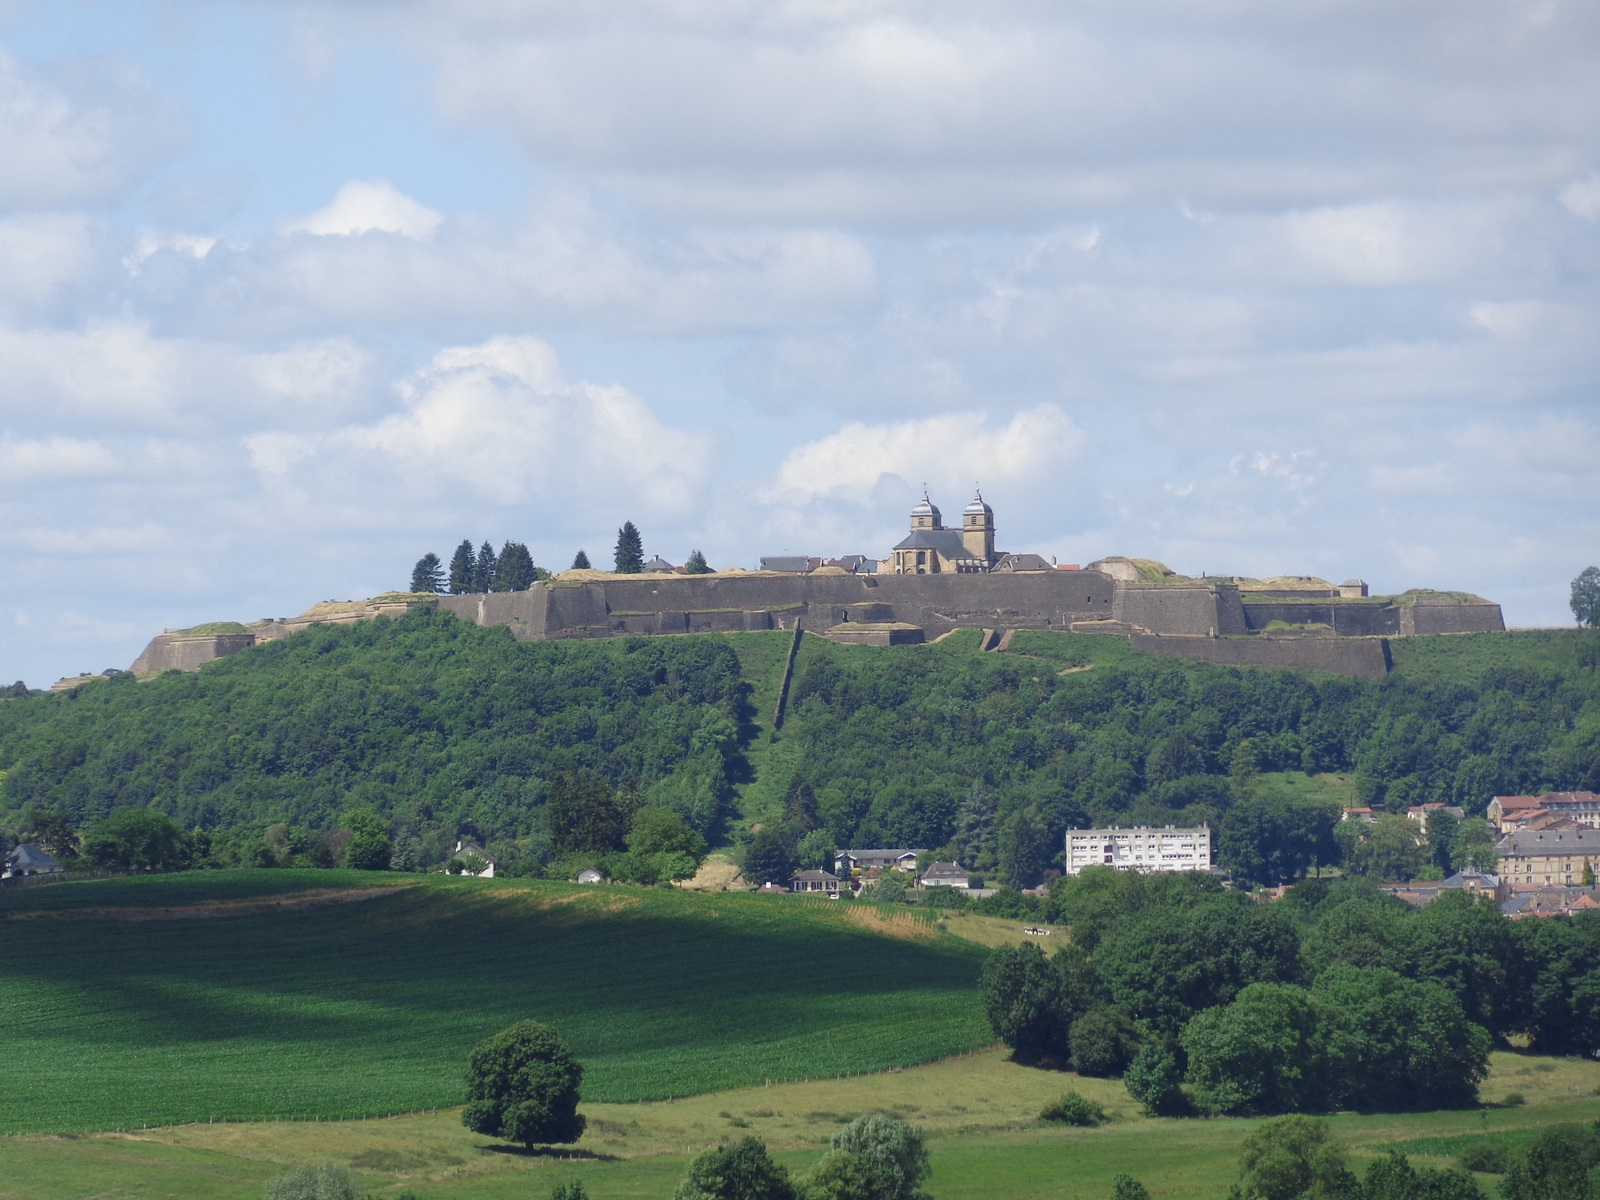 La citadelle Vauban (classé à l'UNESCO) de Montmédy